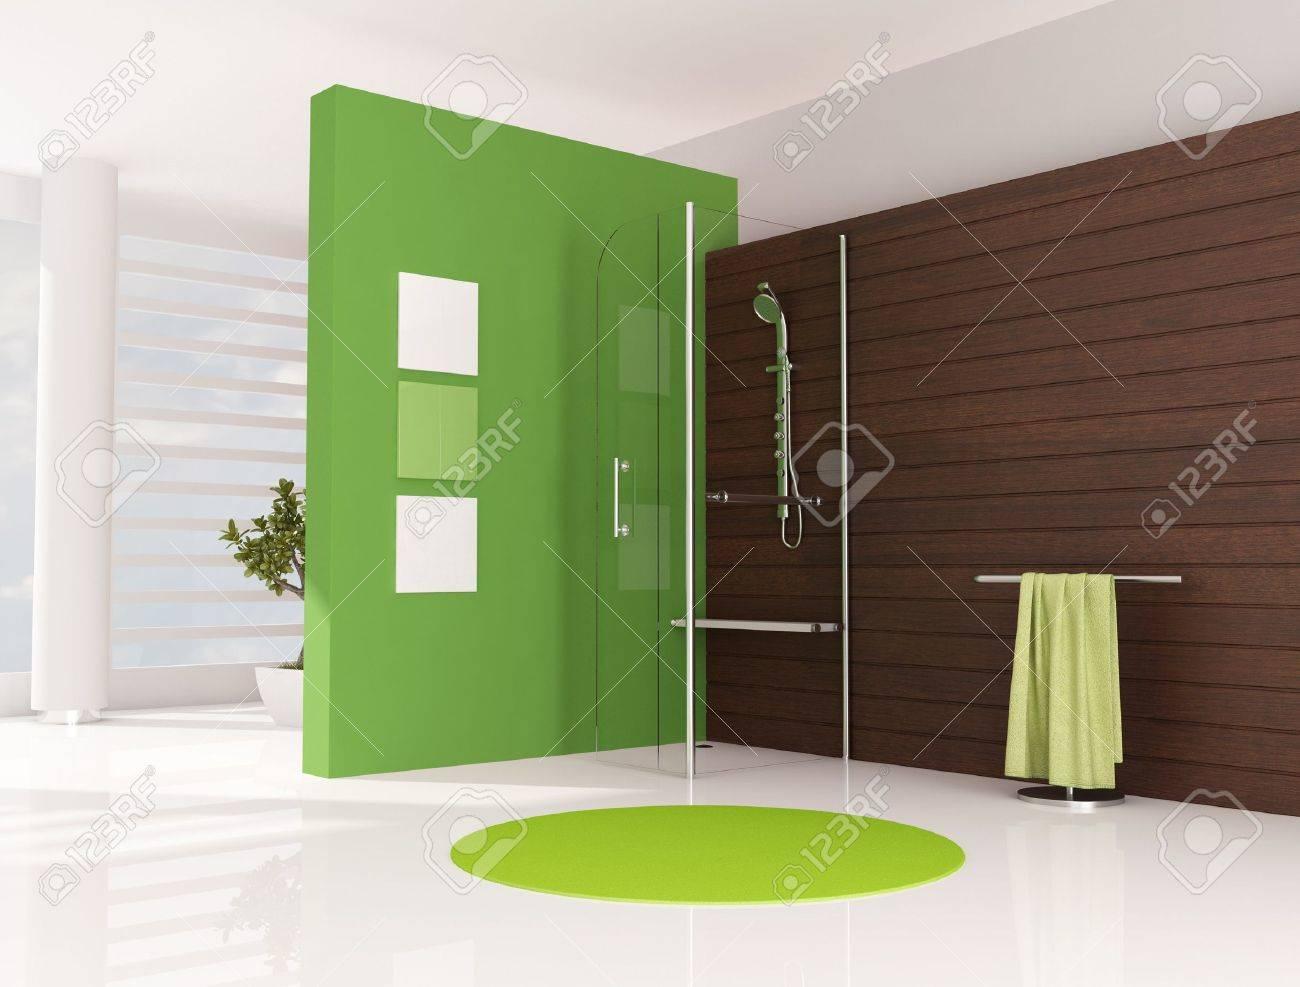 Vert salle de bains avec douche cabine et le panneau en bois ...